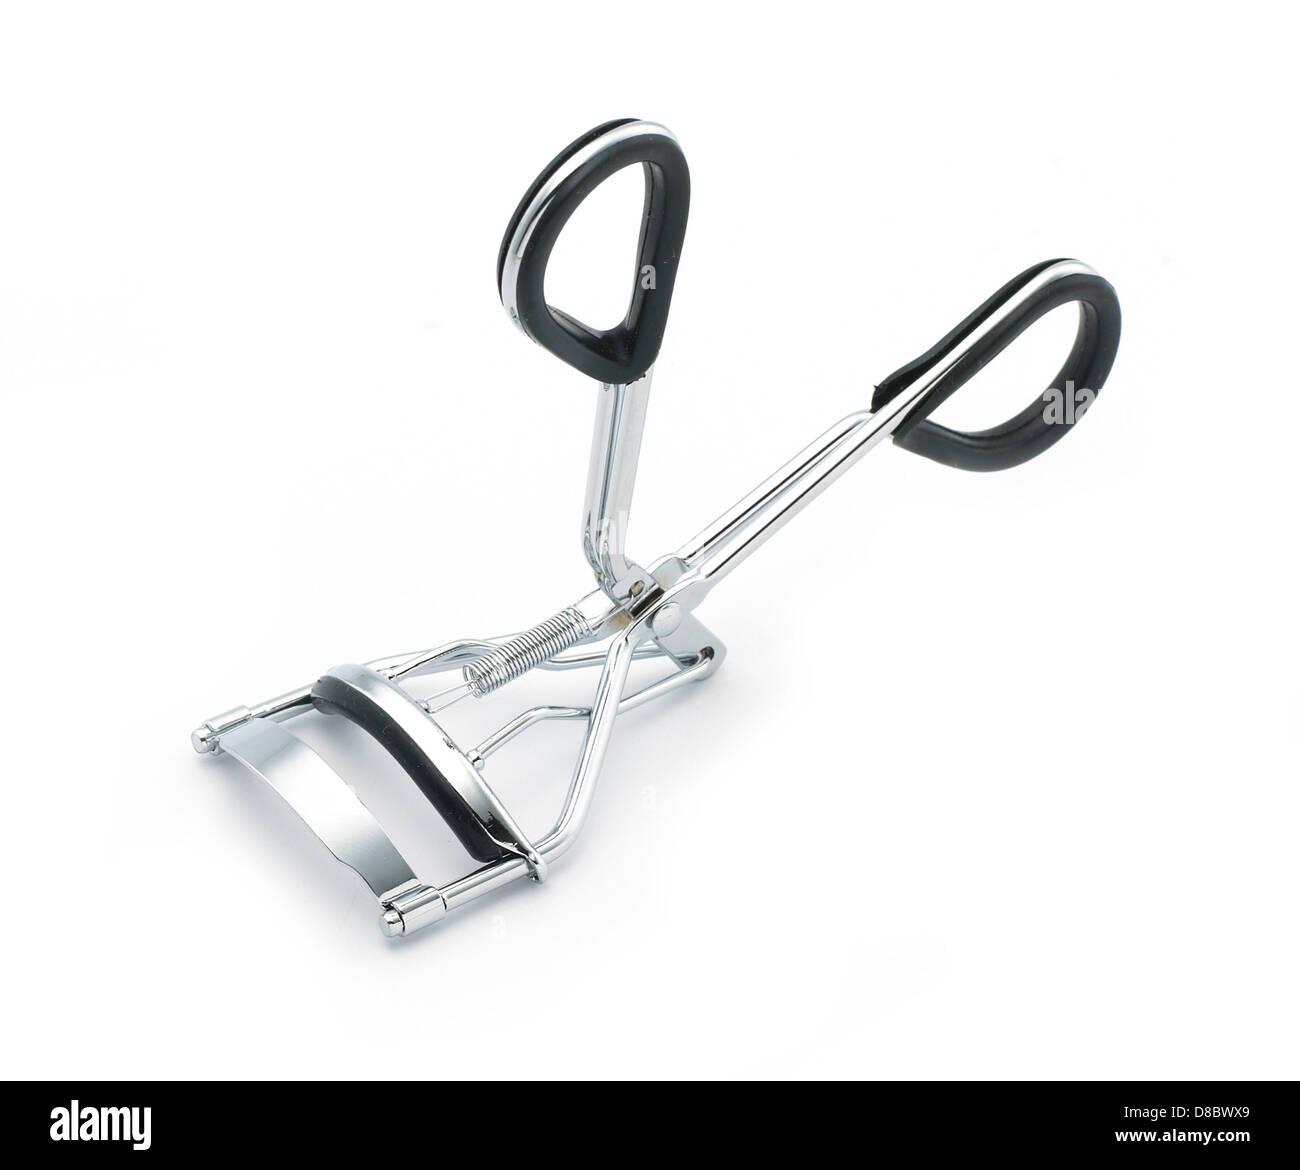 Silver et black metal eyelash curlers cut sur un fond blanc Photo Stock